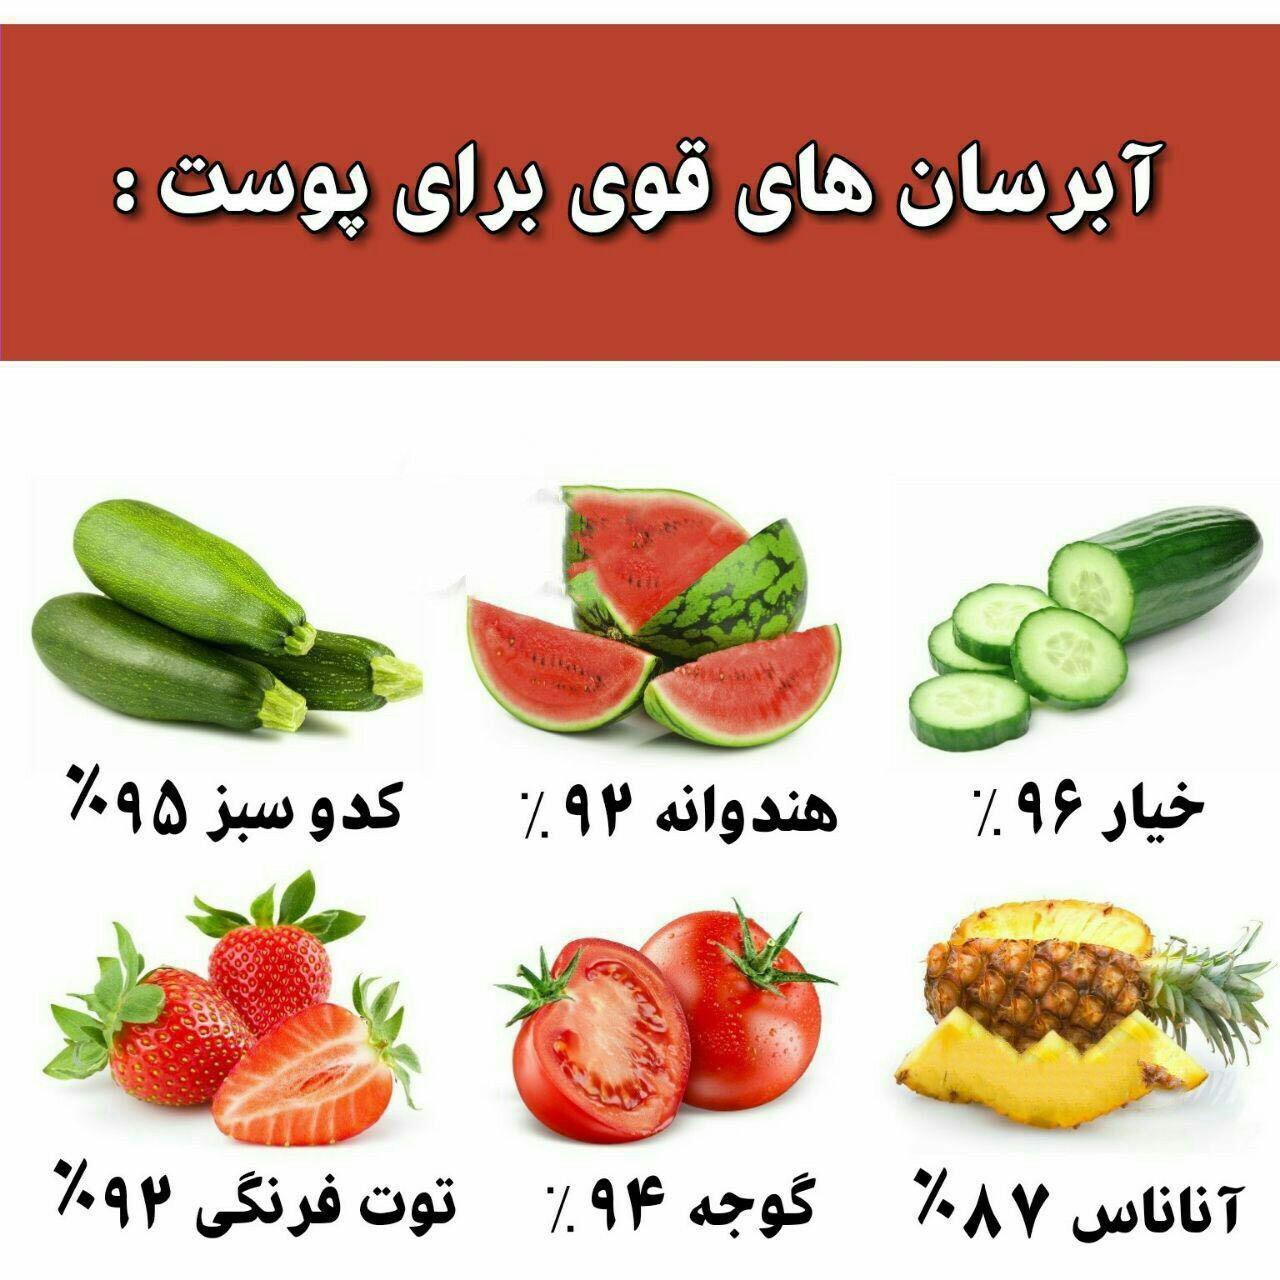 ۶ میوه ای که آبرسان قوی برای پوست هستند